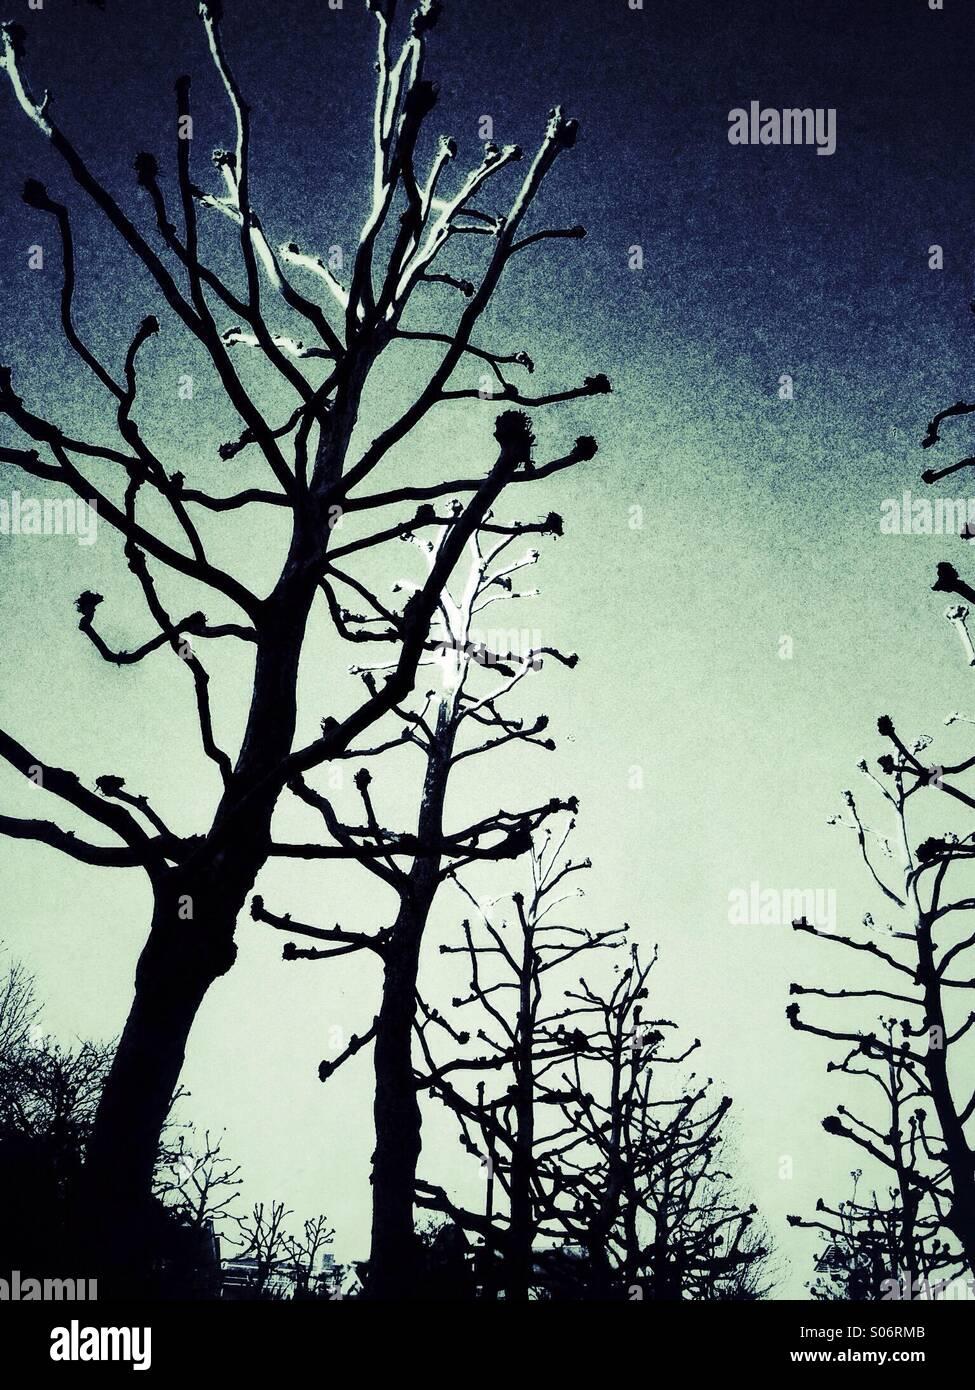 Rangée d'arbres avec des branches dénudées Photo Stock